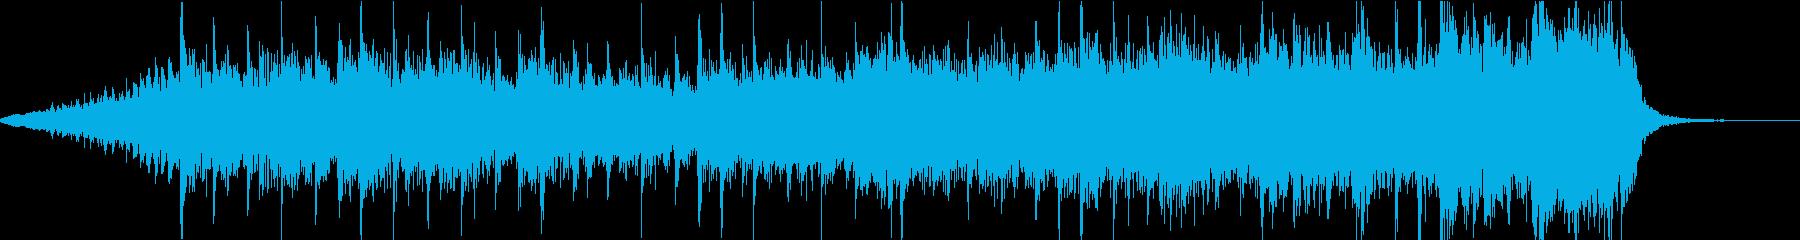 最終決戦前のBGMの再生済みの波形